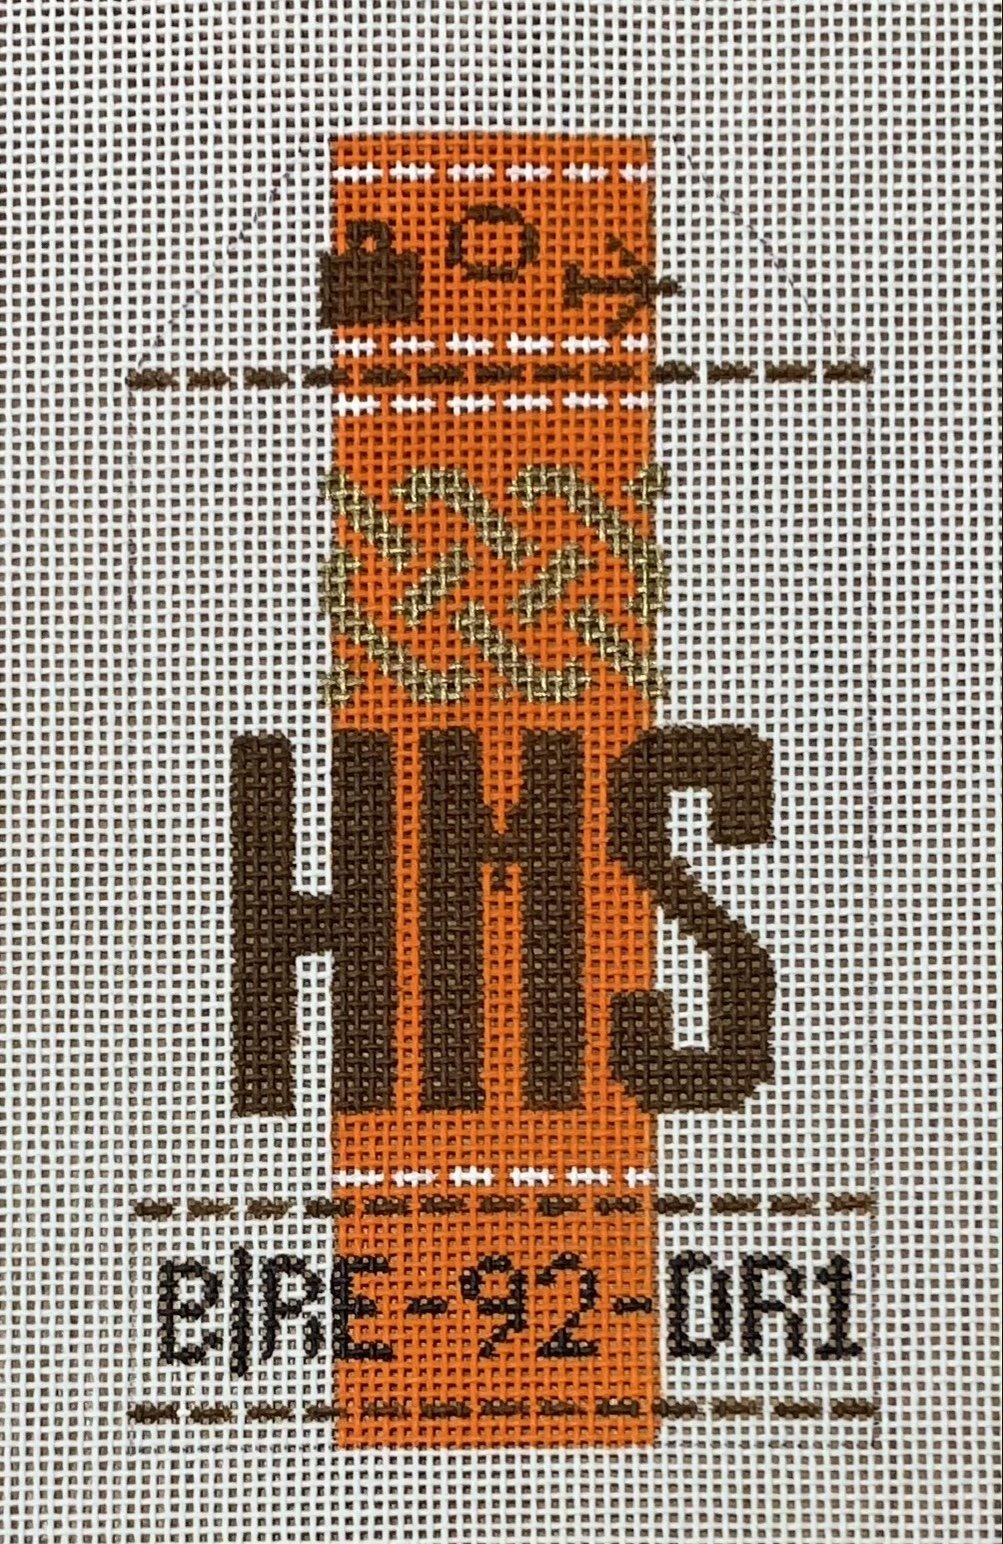 Vintage Luggage Tag - Hermes